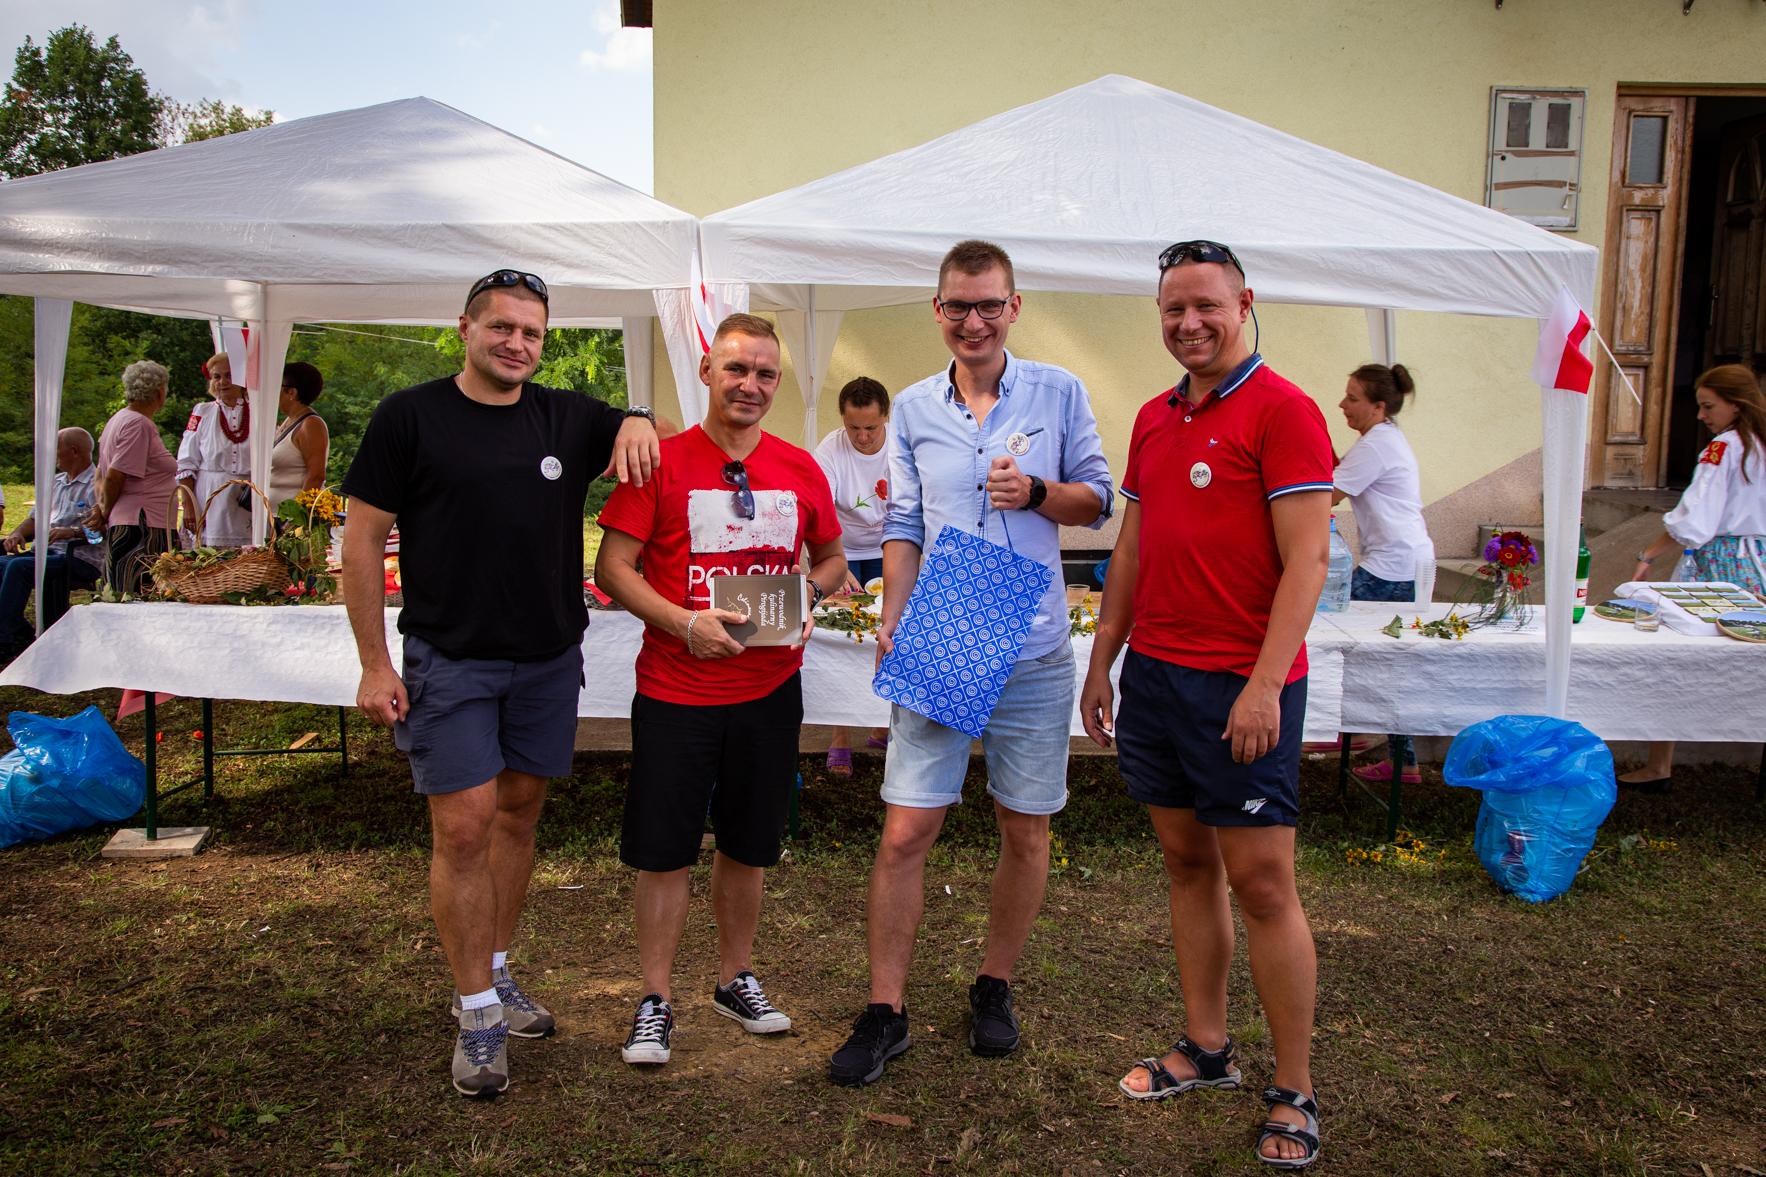 Żołnierze z Polskiego Kontyngentu Wojskowego w BiH, którzy wcześniej pomagali lepić pierogi, tym razem przyjechali z ciastem.